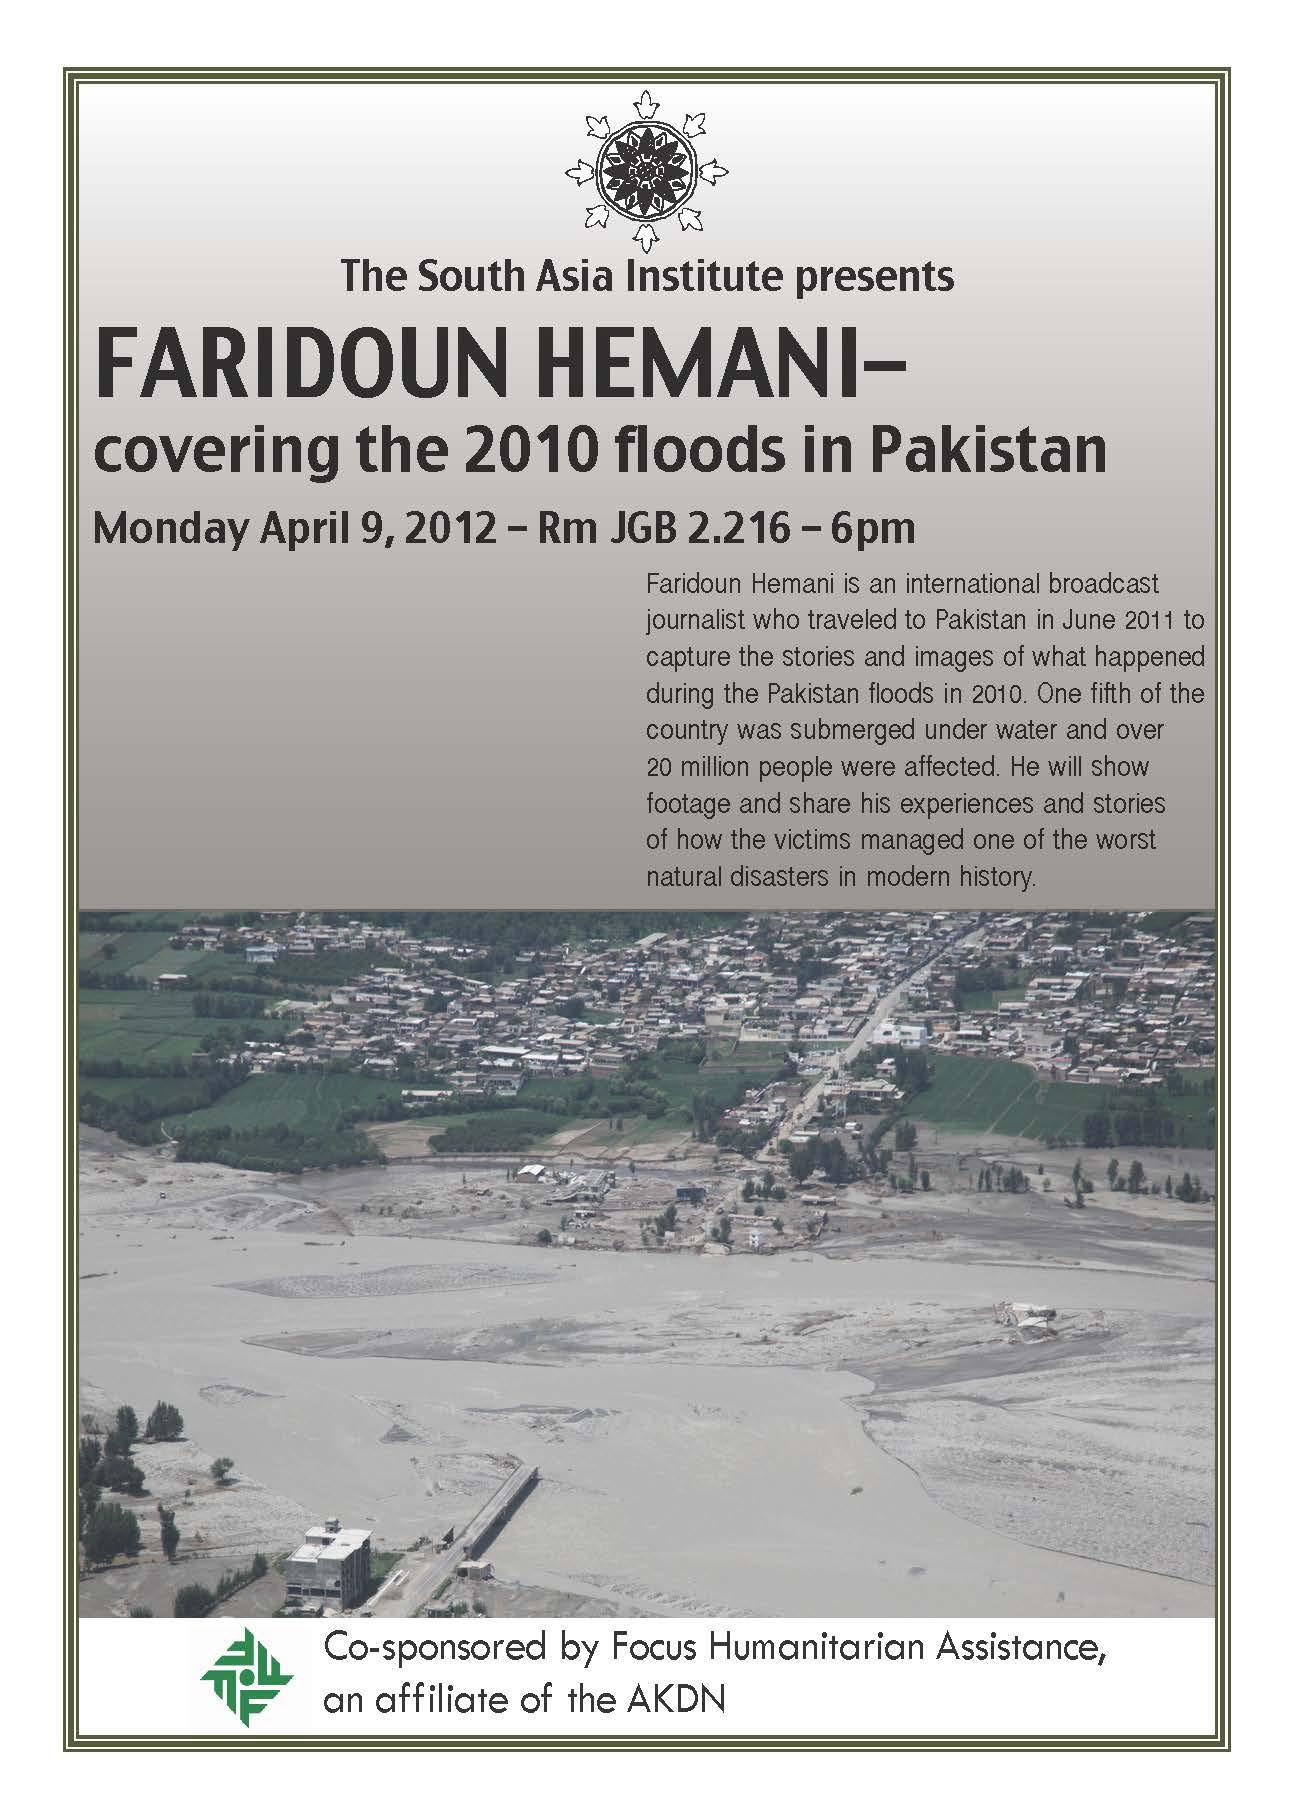 Faridoun Hemani - covering the 2010 floods in Pakistan